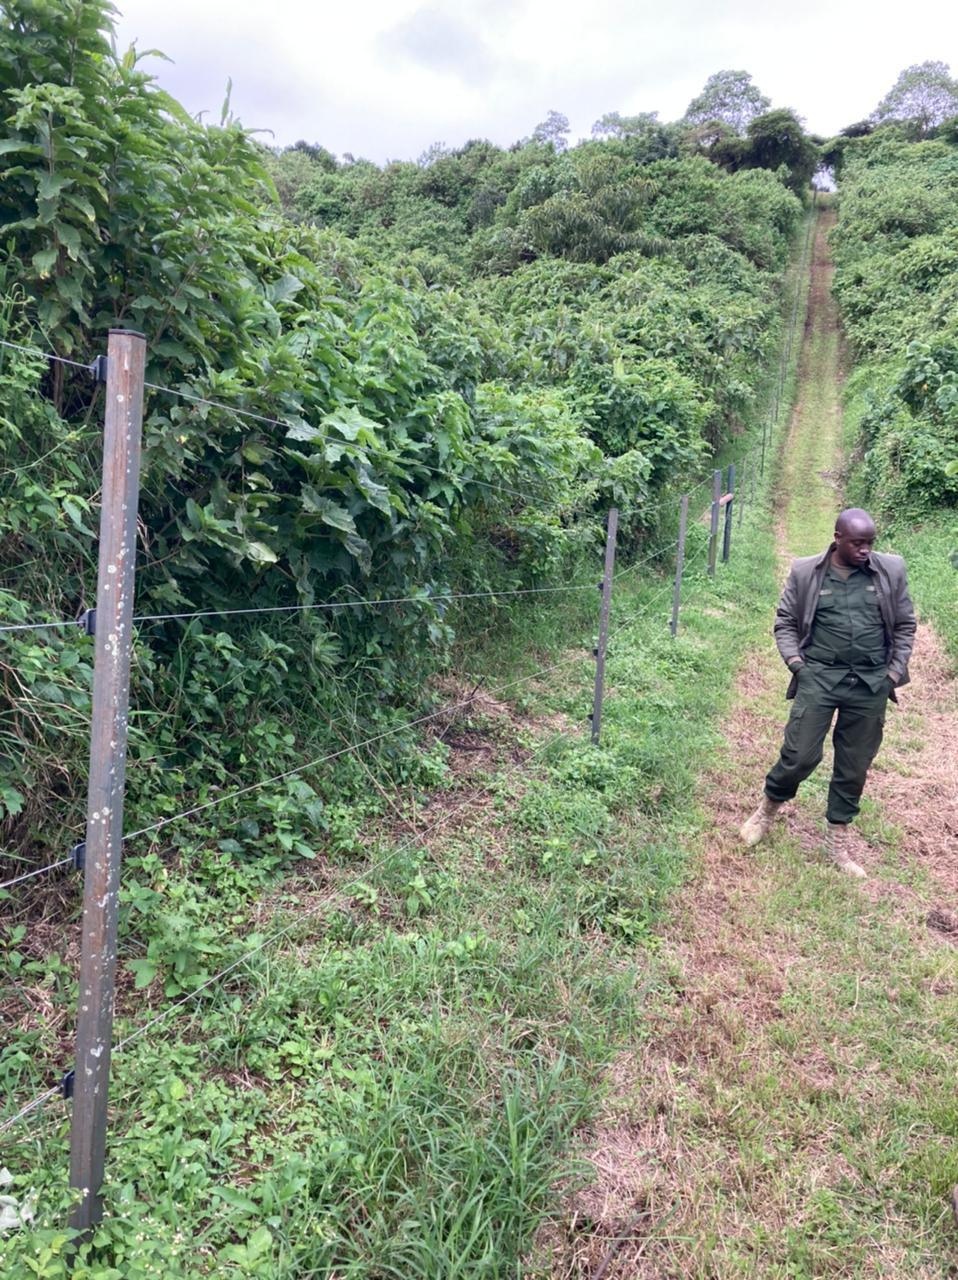 Coffee farmers use electric fences to keep elephants out